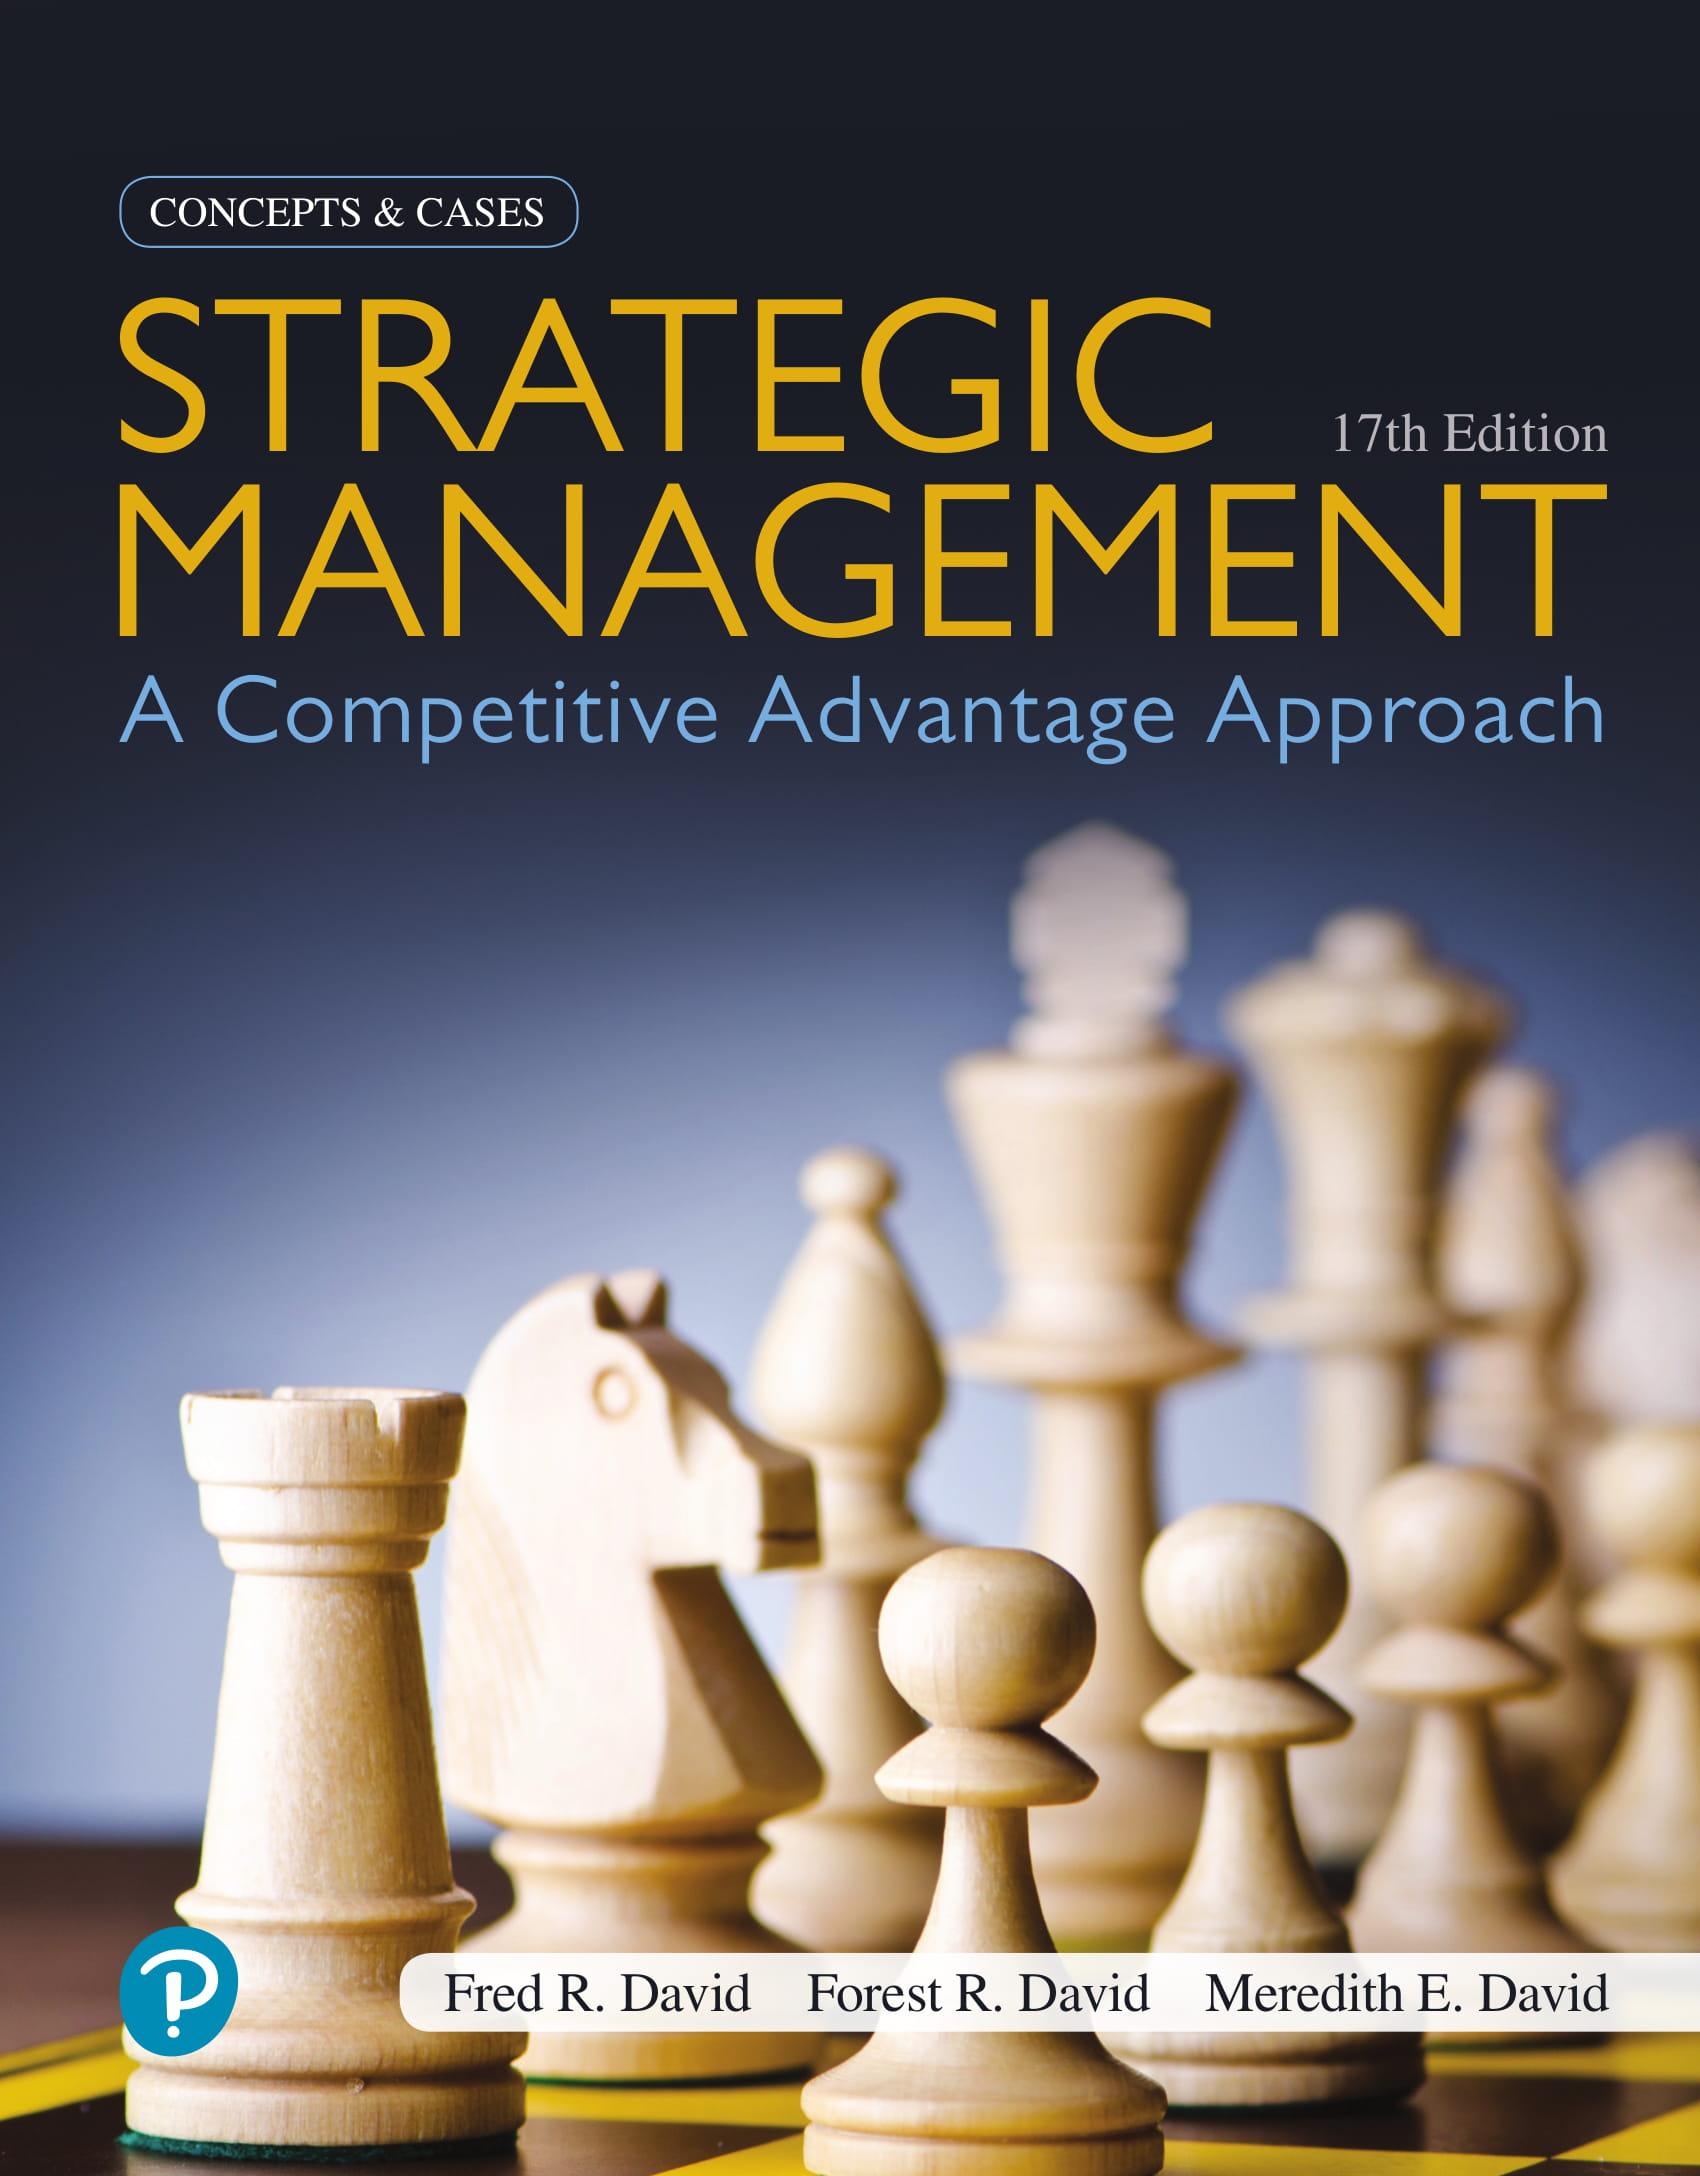 mi a legjobb stratégia a lehetőségekhez